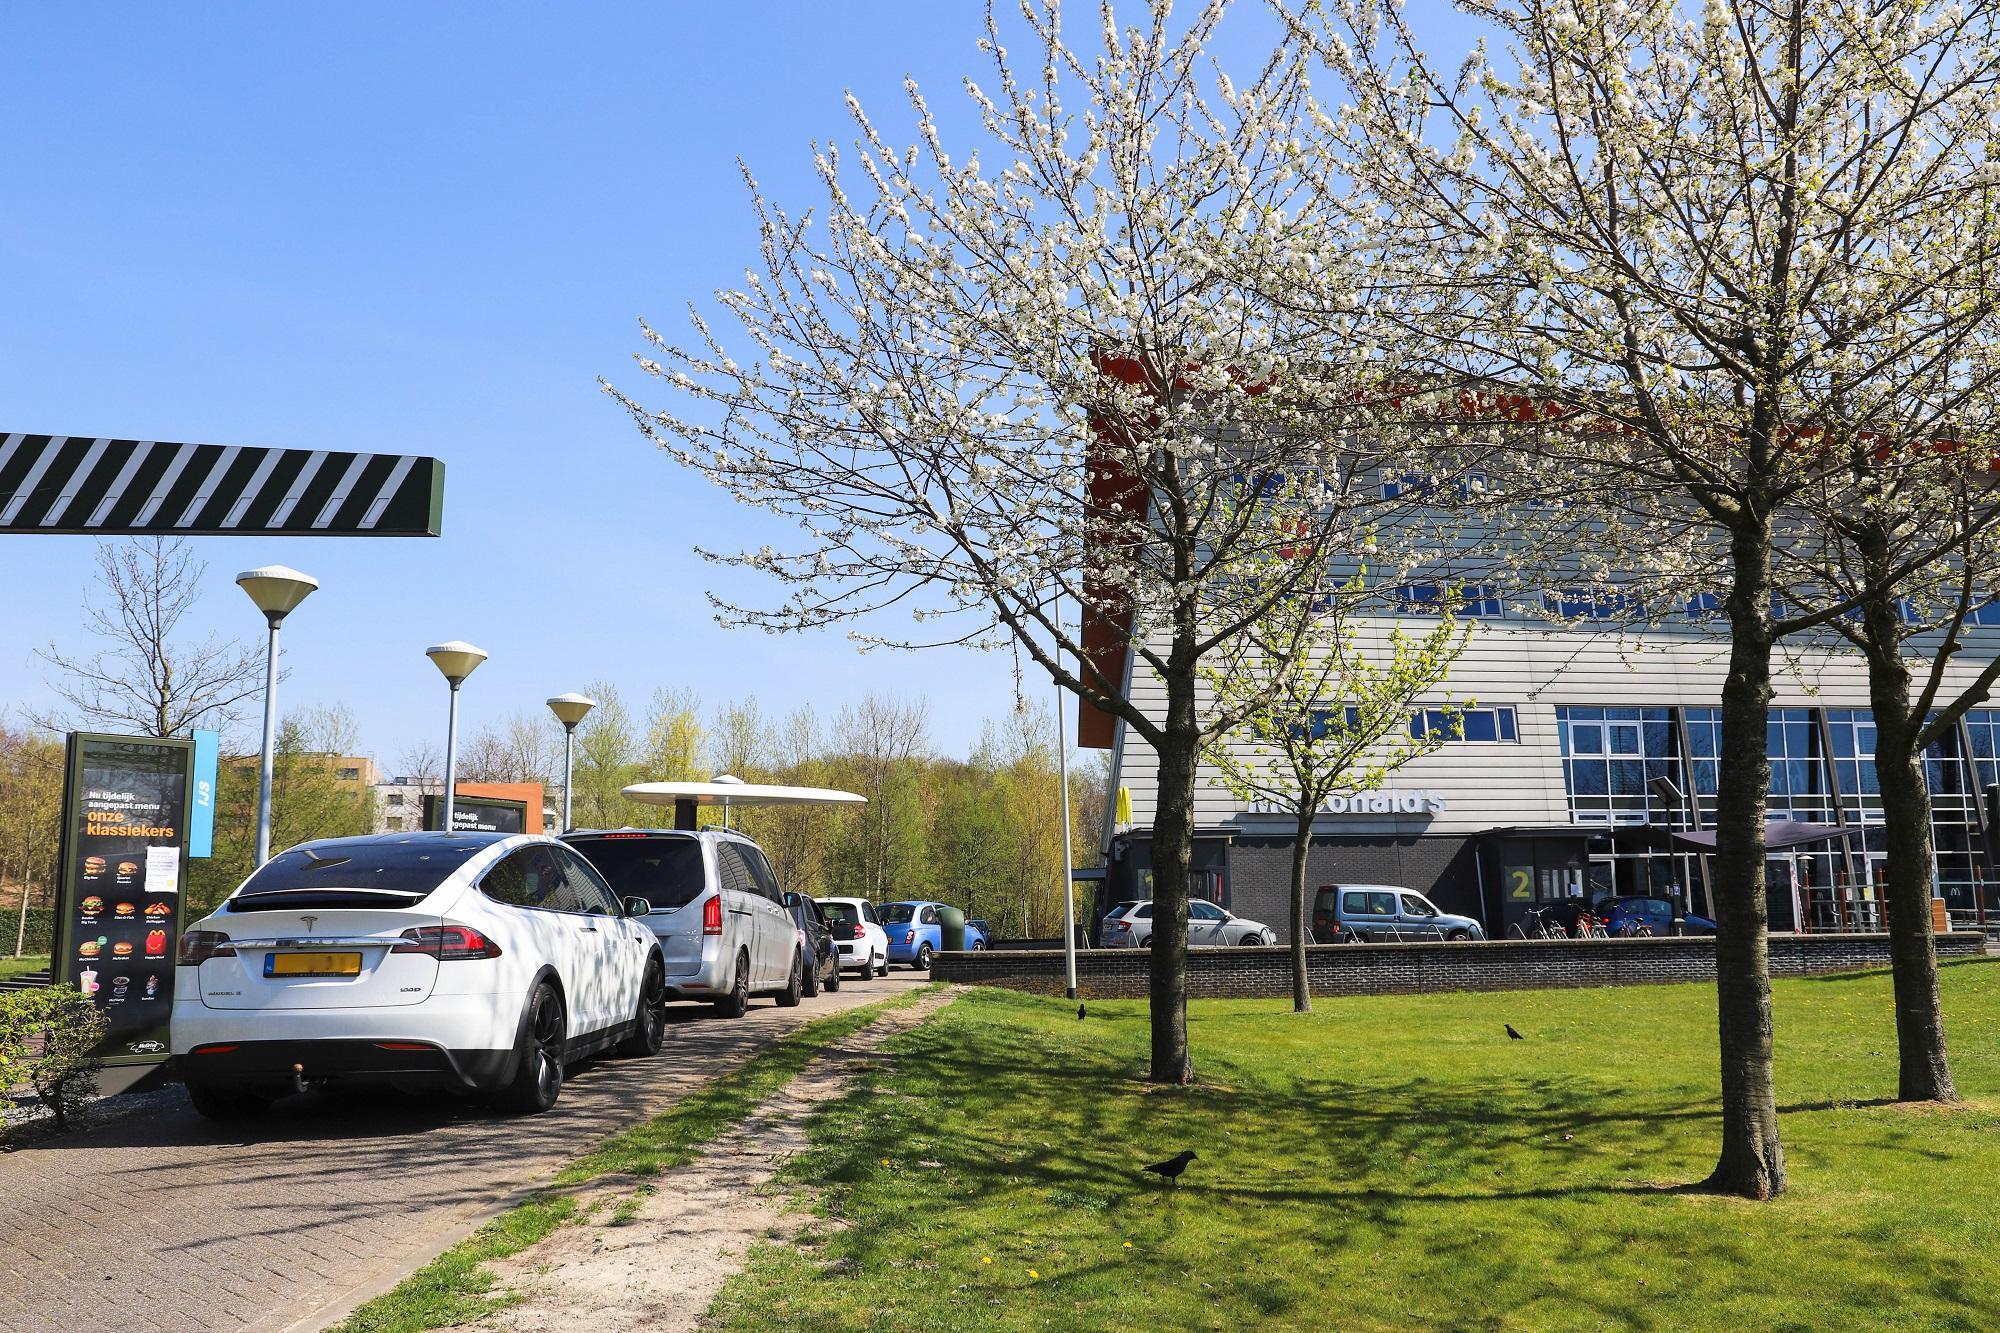 mc donald's mac donalds mcdrive boulevard fastfood bergse plaat